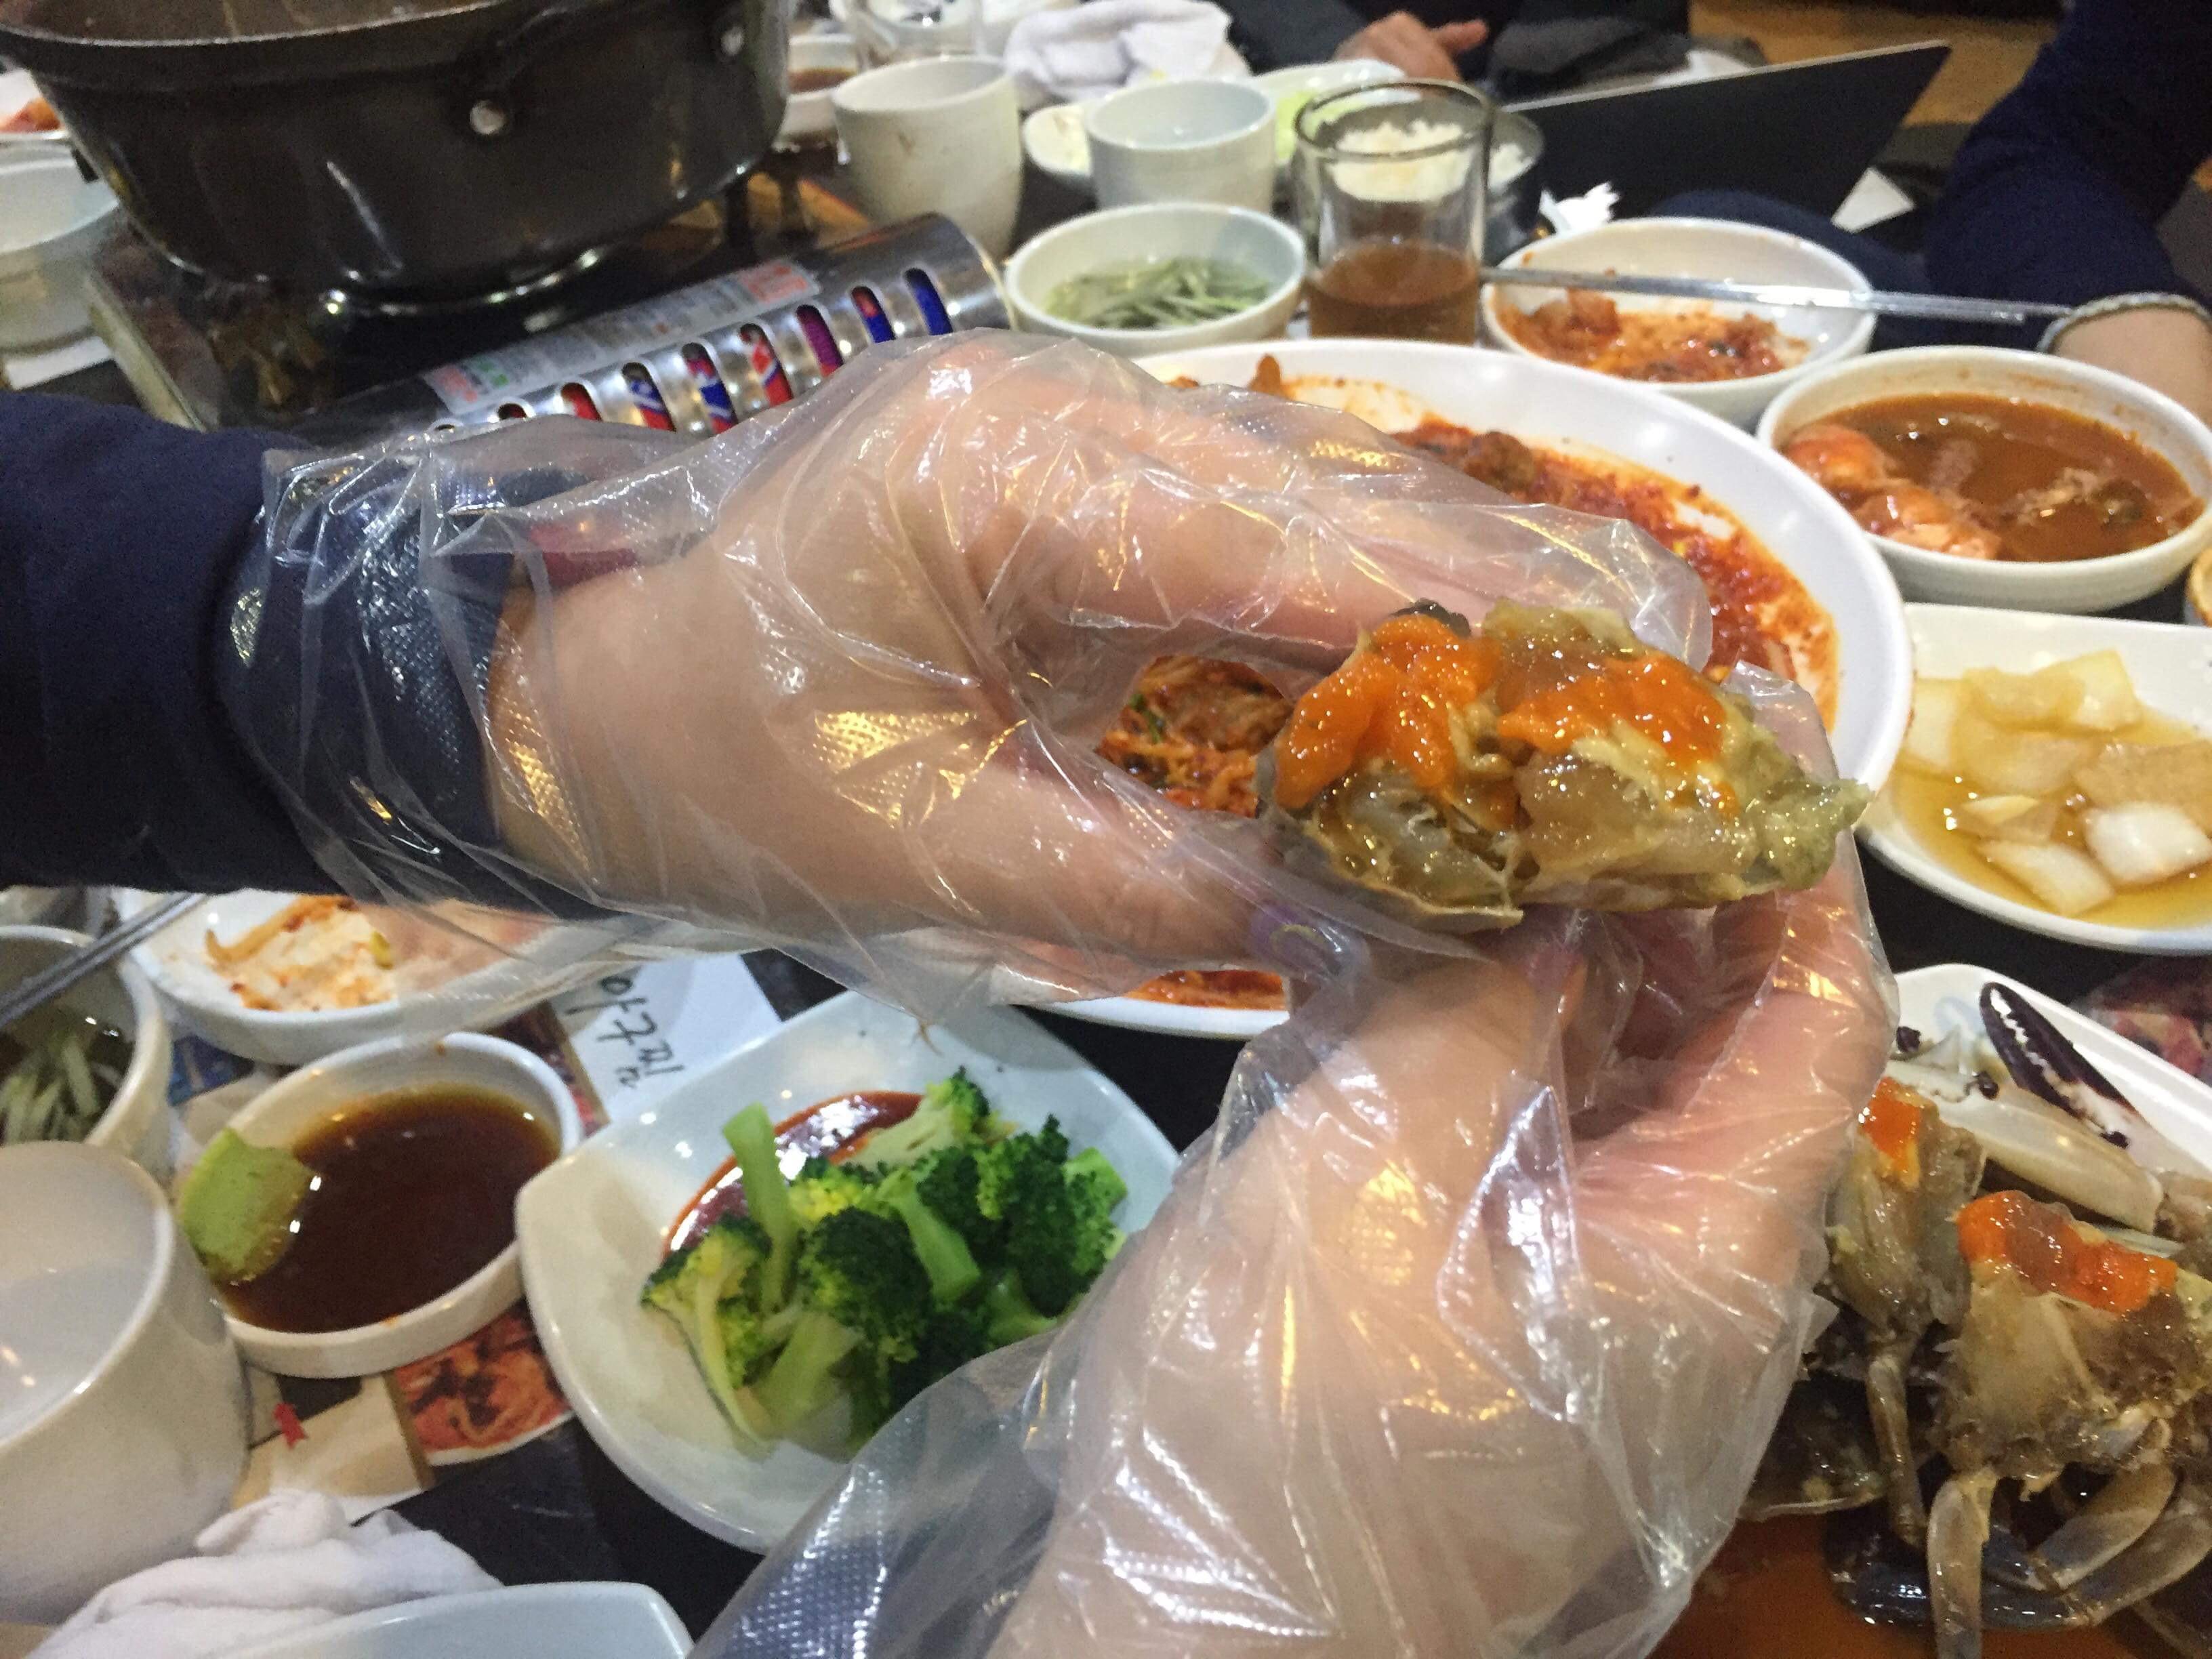 韓国グルメおすすめ 韓国料理 馬山アグチム カンジャンケジャン食べ方